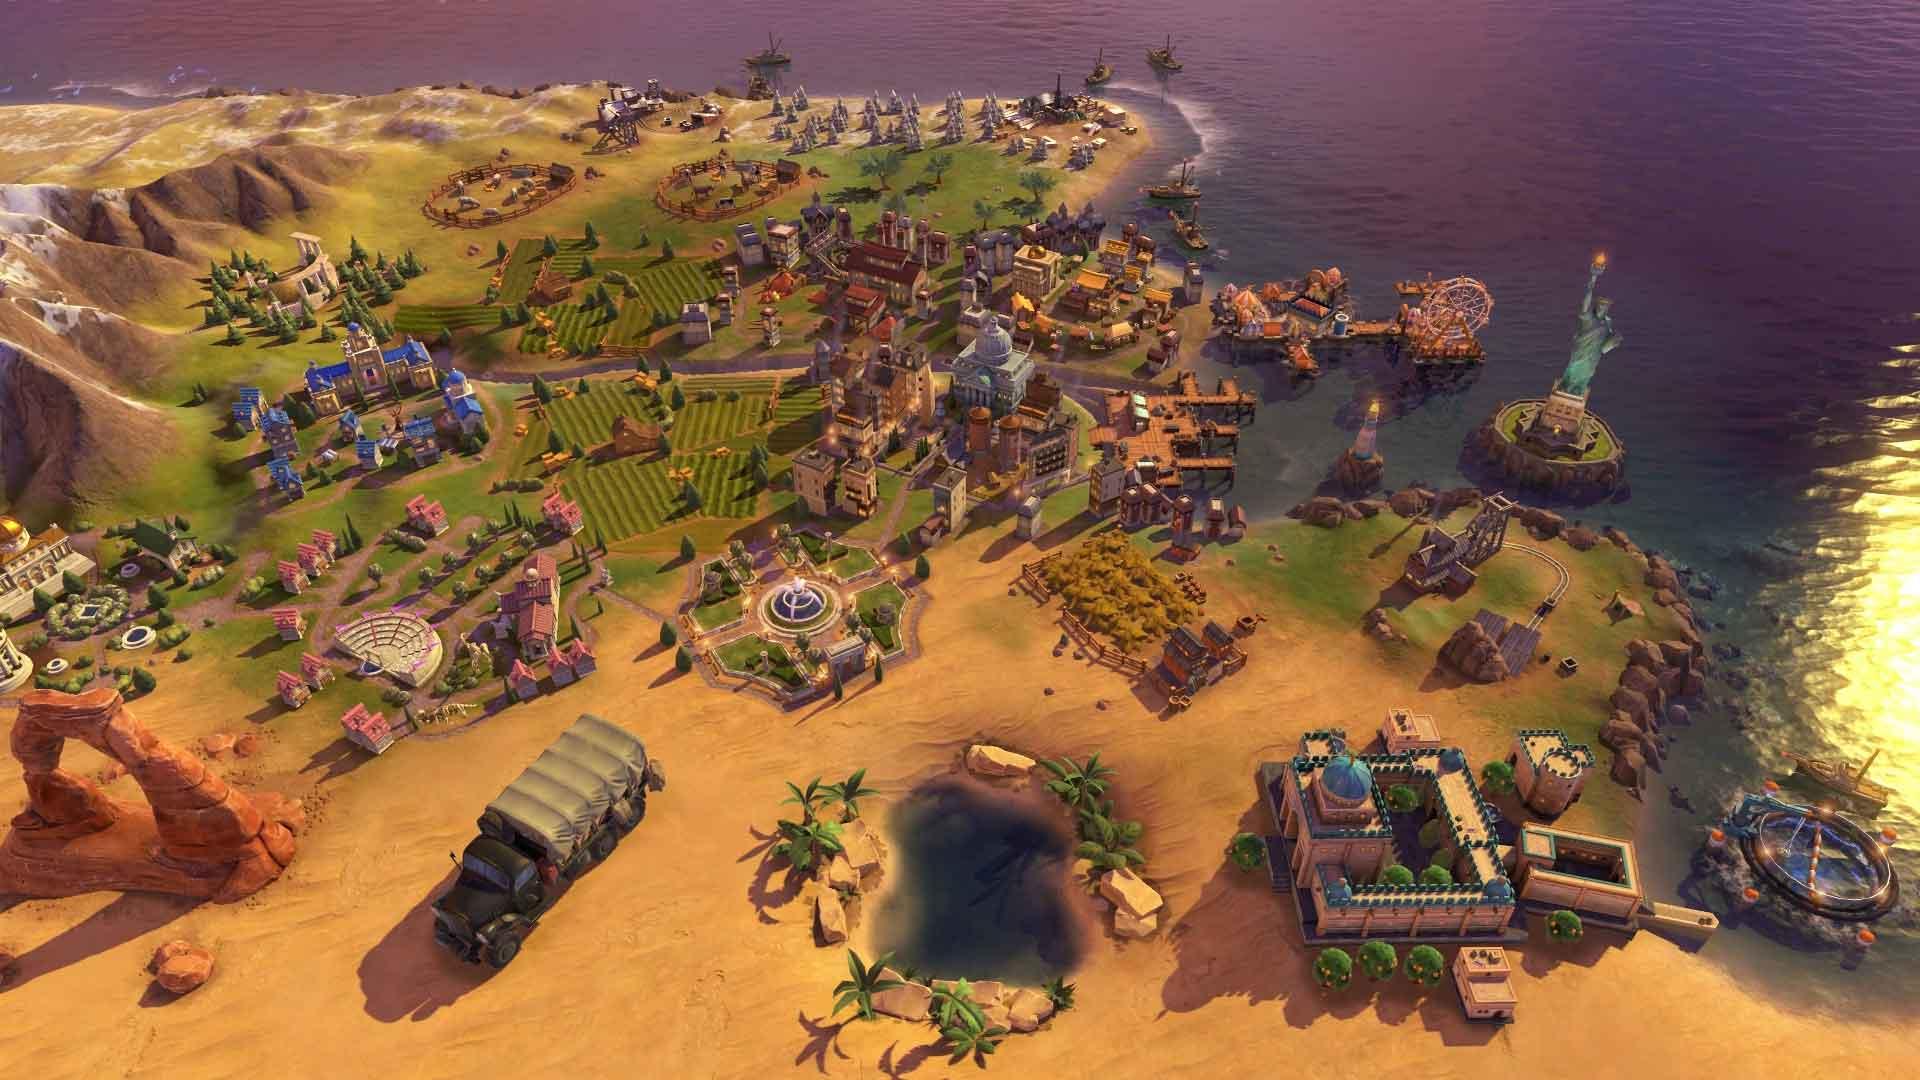 Sid meier 39 s civilization vi rise and fall download - Civ 6 wallpaper ...